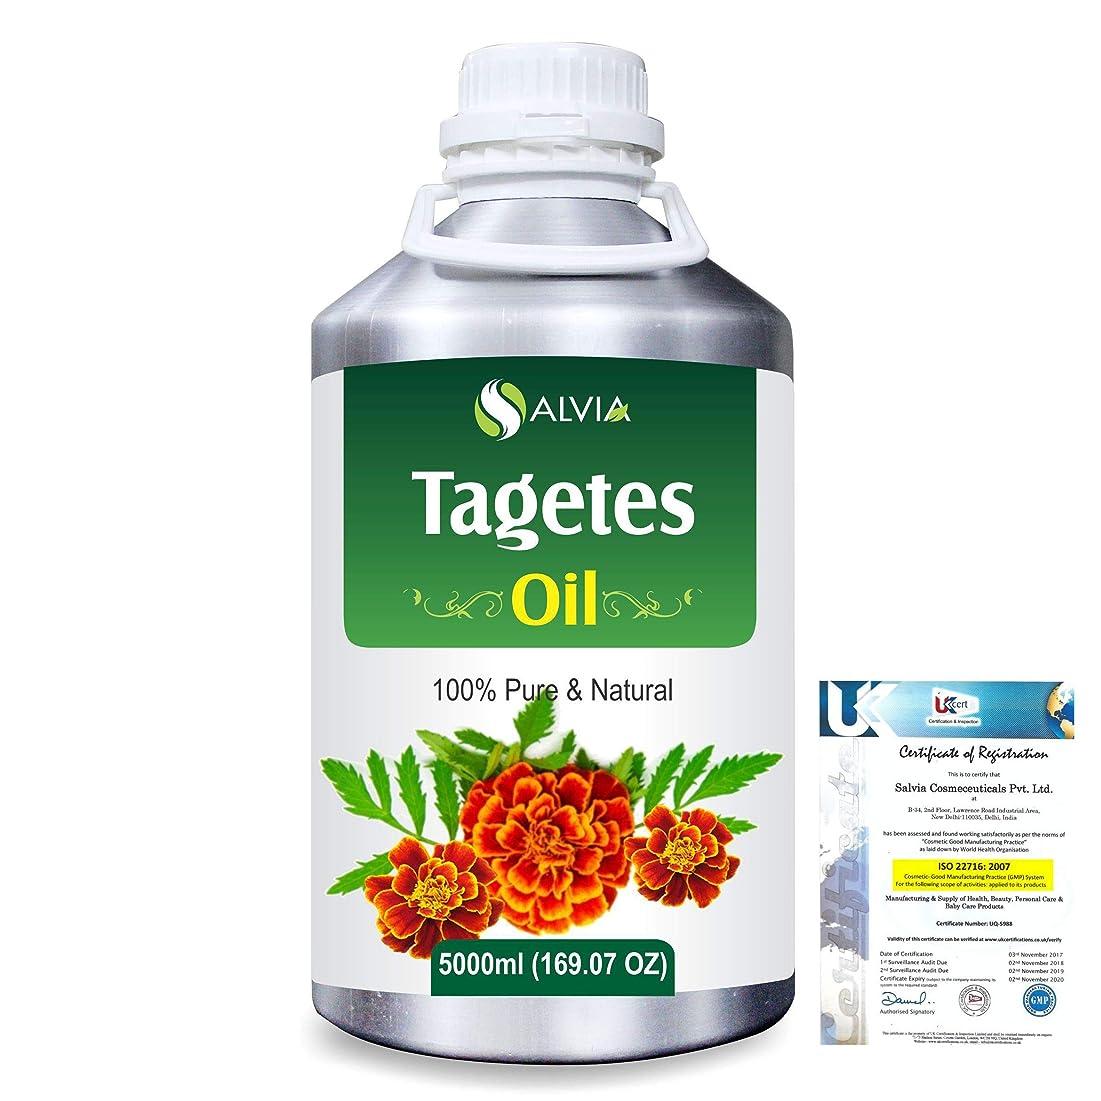 受け取るお手伝いさん神話Tagetes (Tagetes Minuta) 100% Pure Natural Essential Oil 5000ml/169 fl.oz.